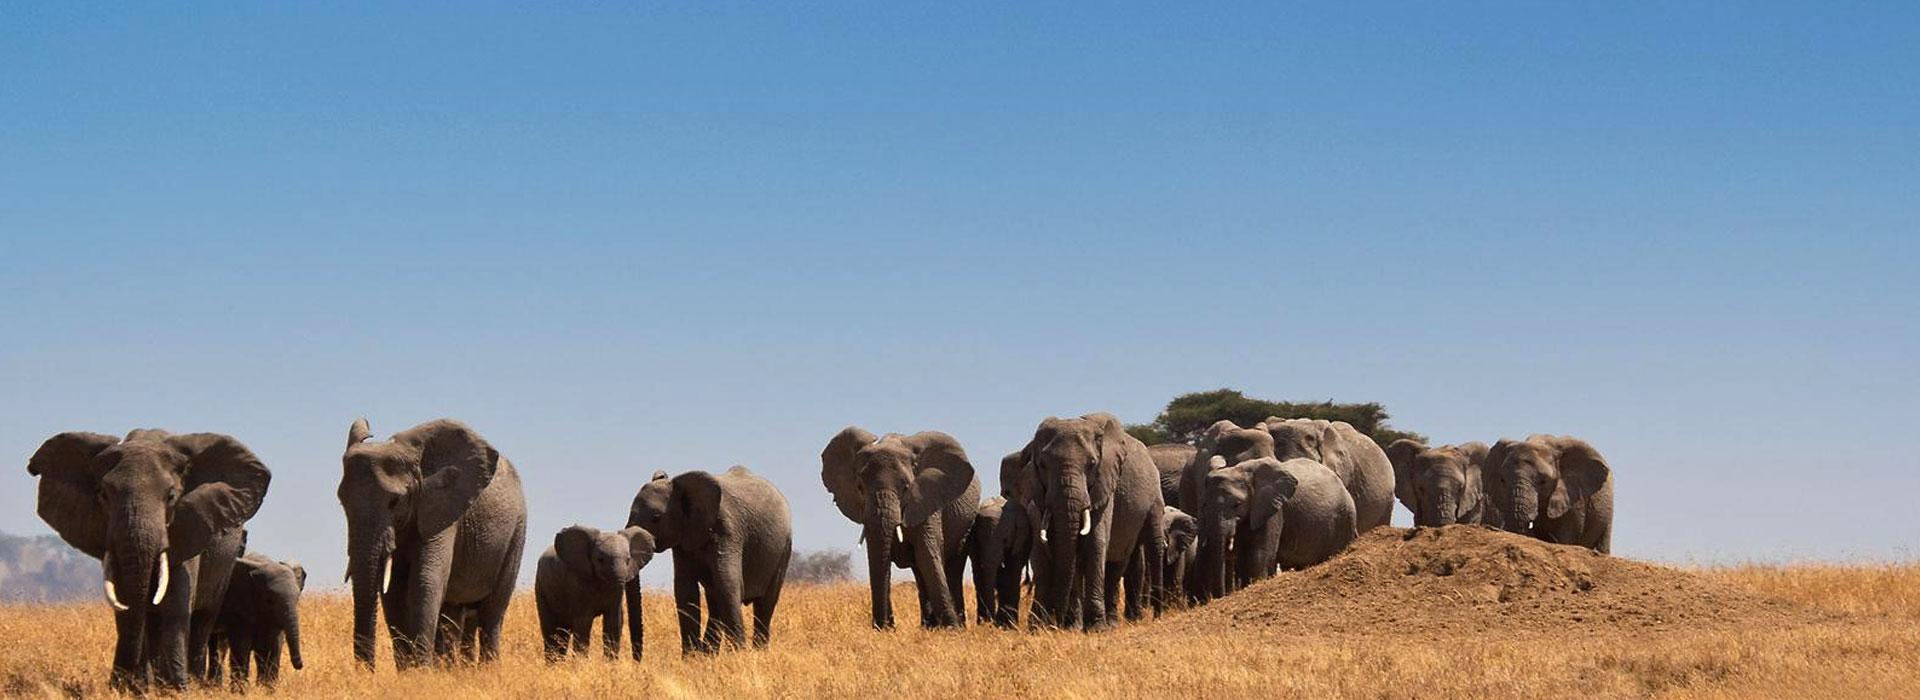 Tanzania Safari Checklist